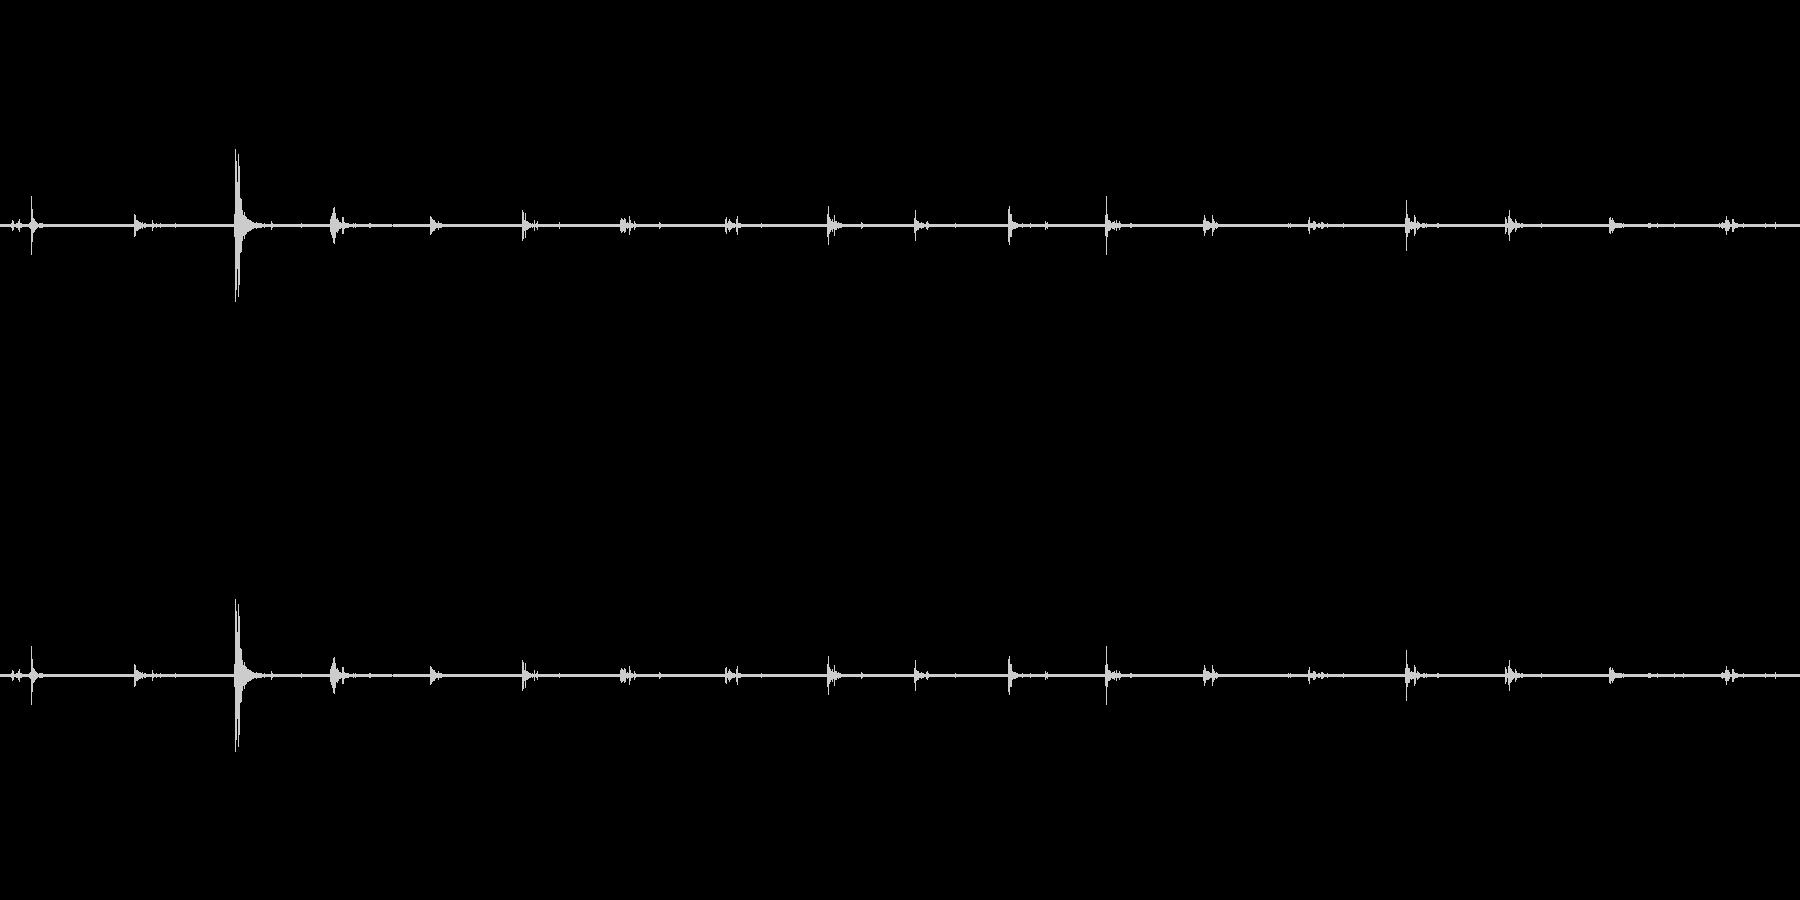 【生音】足音 - スニーカー 01の未再生の波形